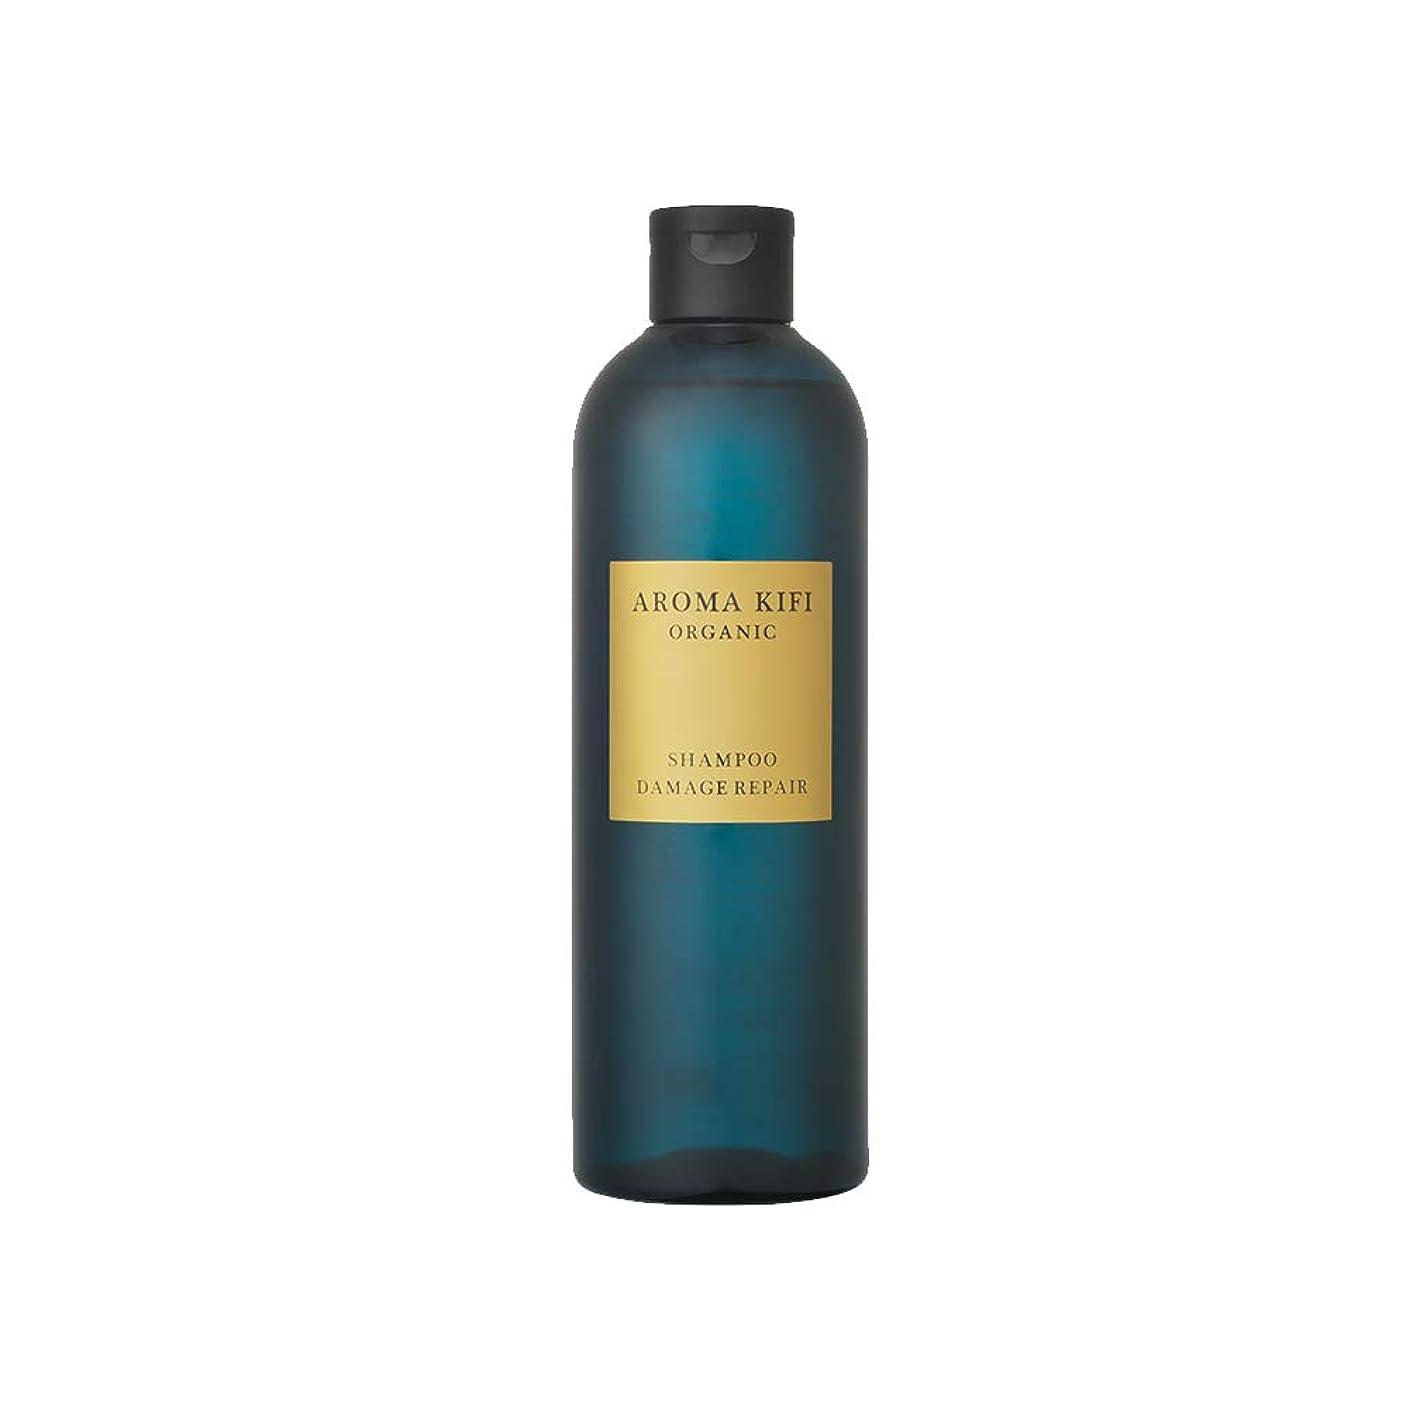 増強冷える序文アロマキフィ オーガニック シャンプー 480ml 【ダメージリペア】サロン品質 ノンシリコン 無添加 アロマティックローズの香り